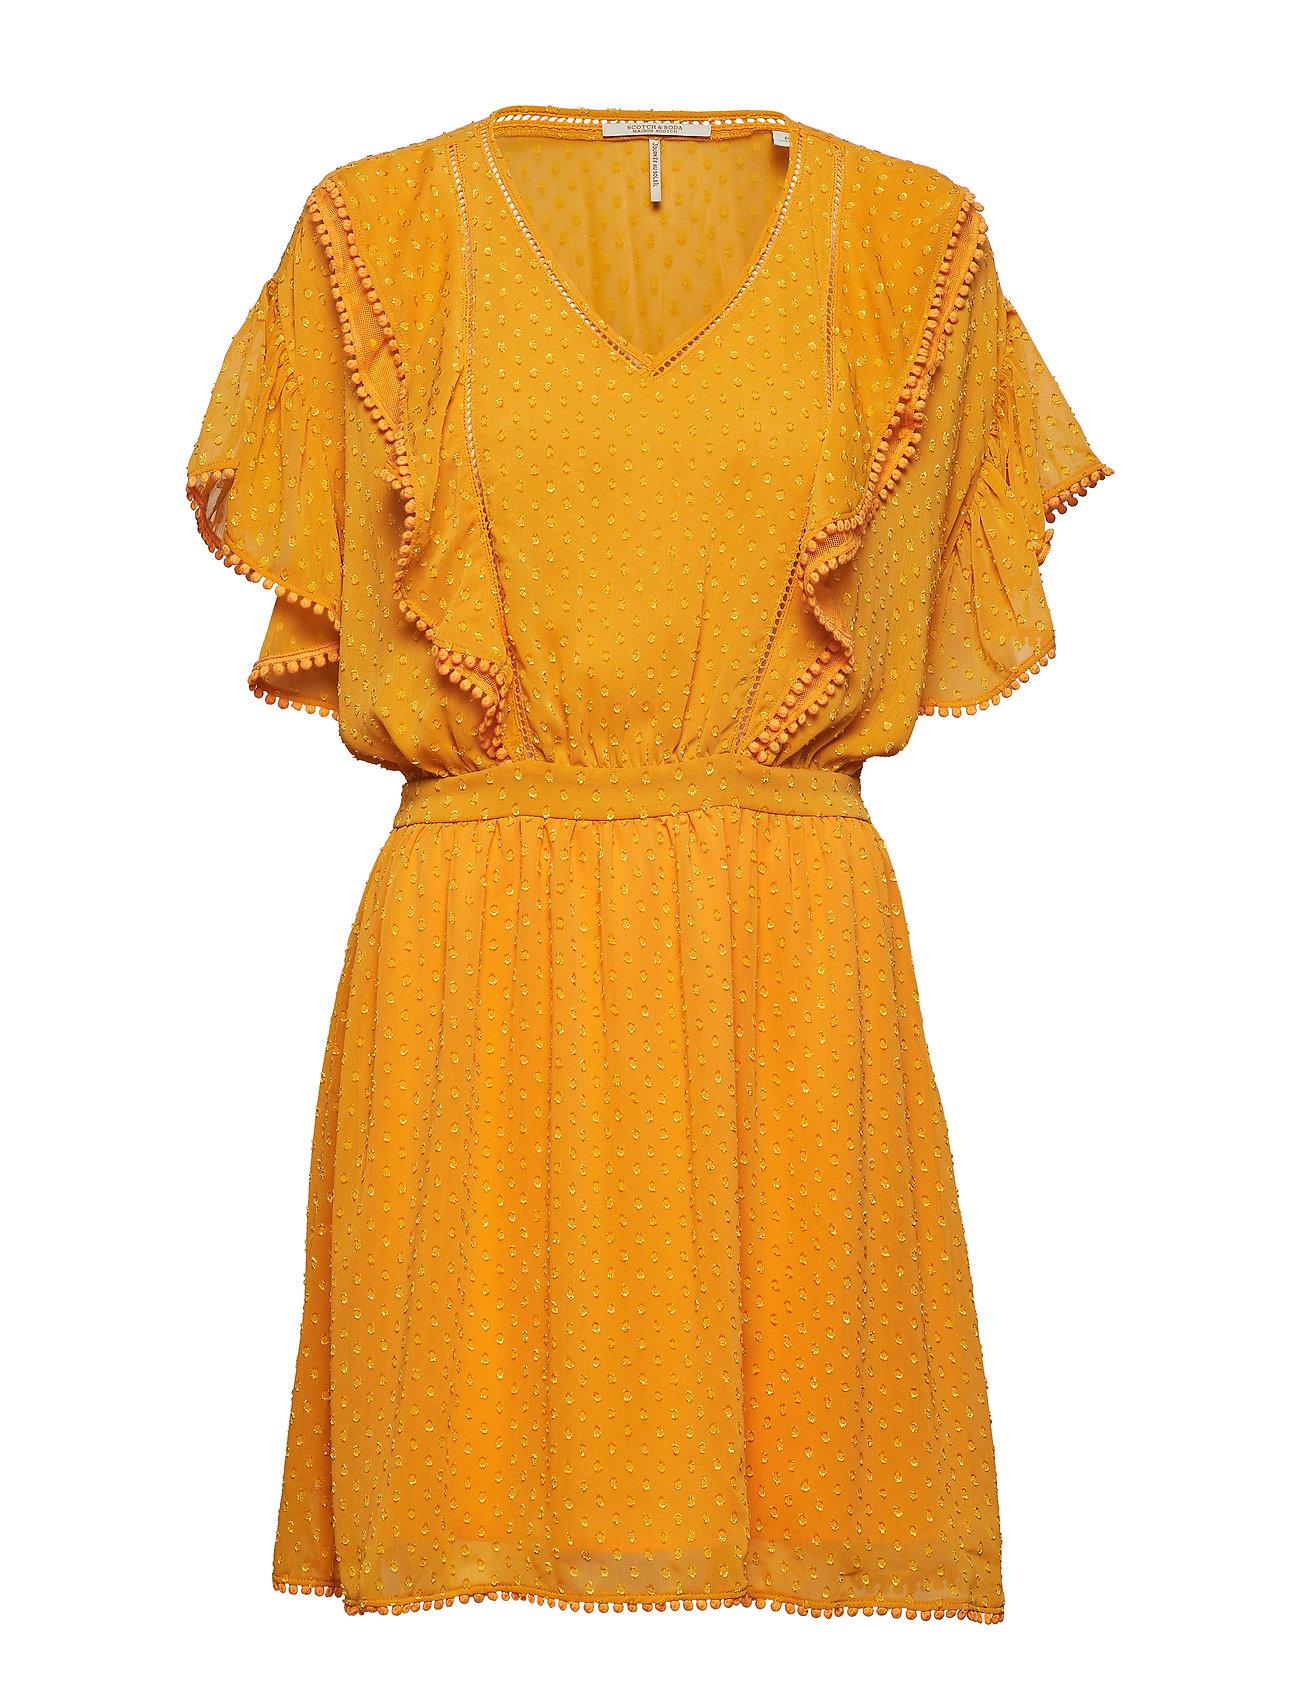 SCOTCH & SODA Lace Dress With Ruffles And Pom-Poms Kurzes Kleid Gelb SCOTCH & SODA